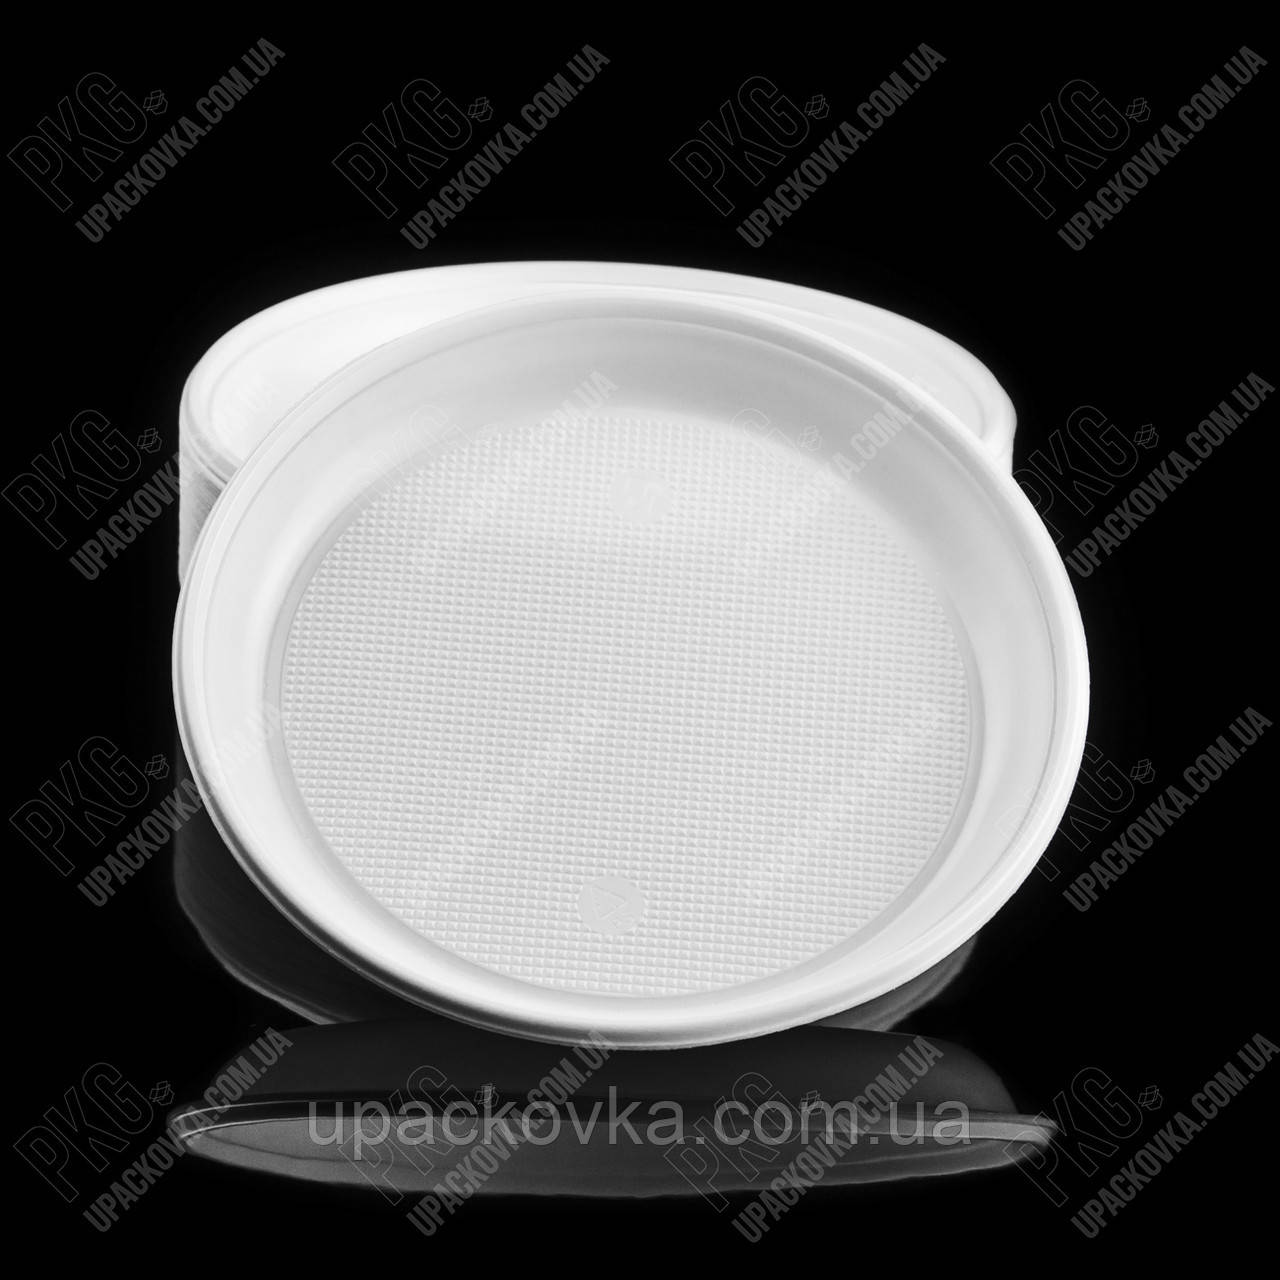 Тарелка десертная d=165мм ПС белая